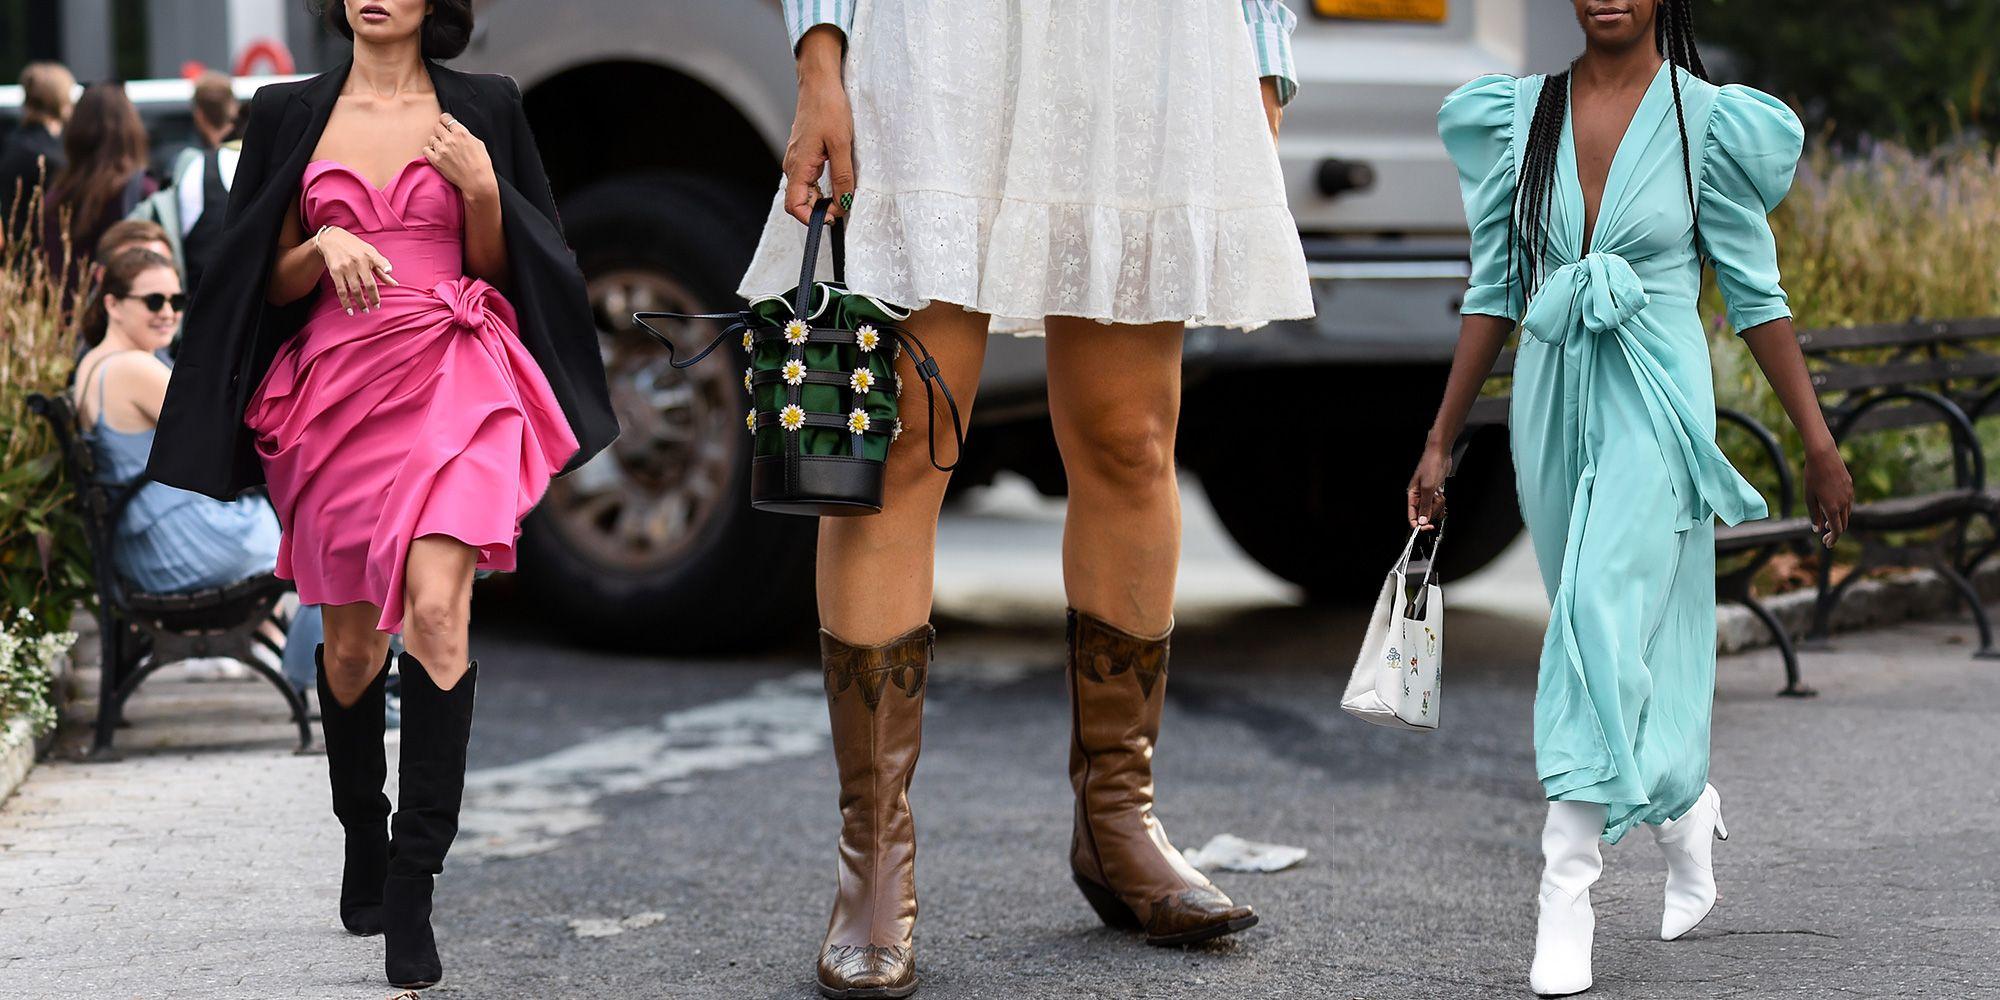 Stivaletti con tacco come abbinarli e consigli fashion per l